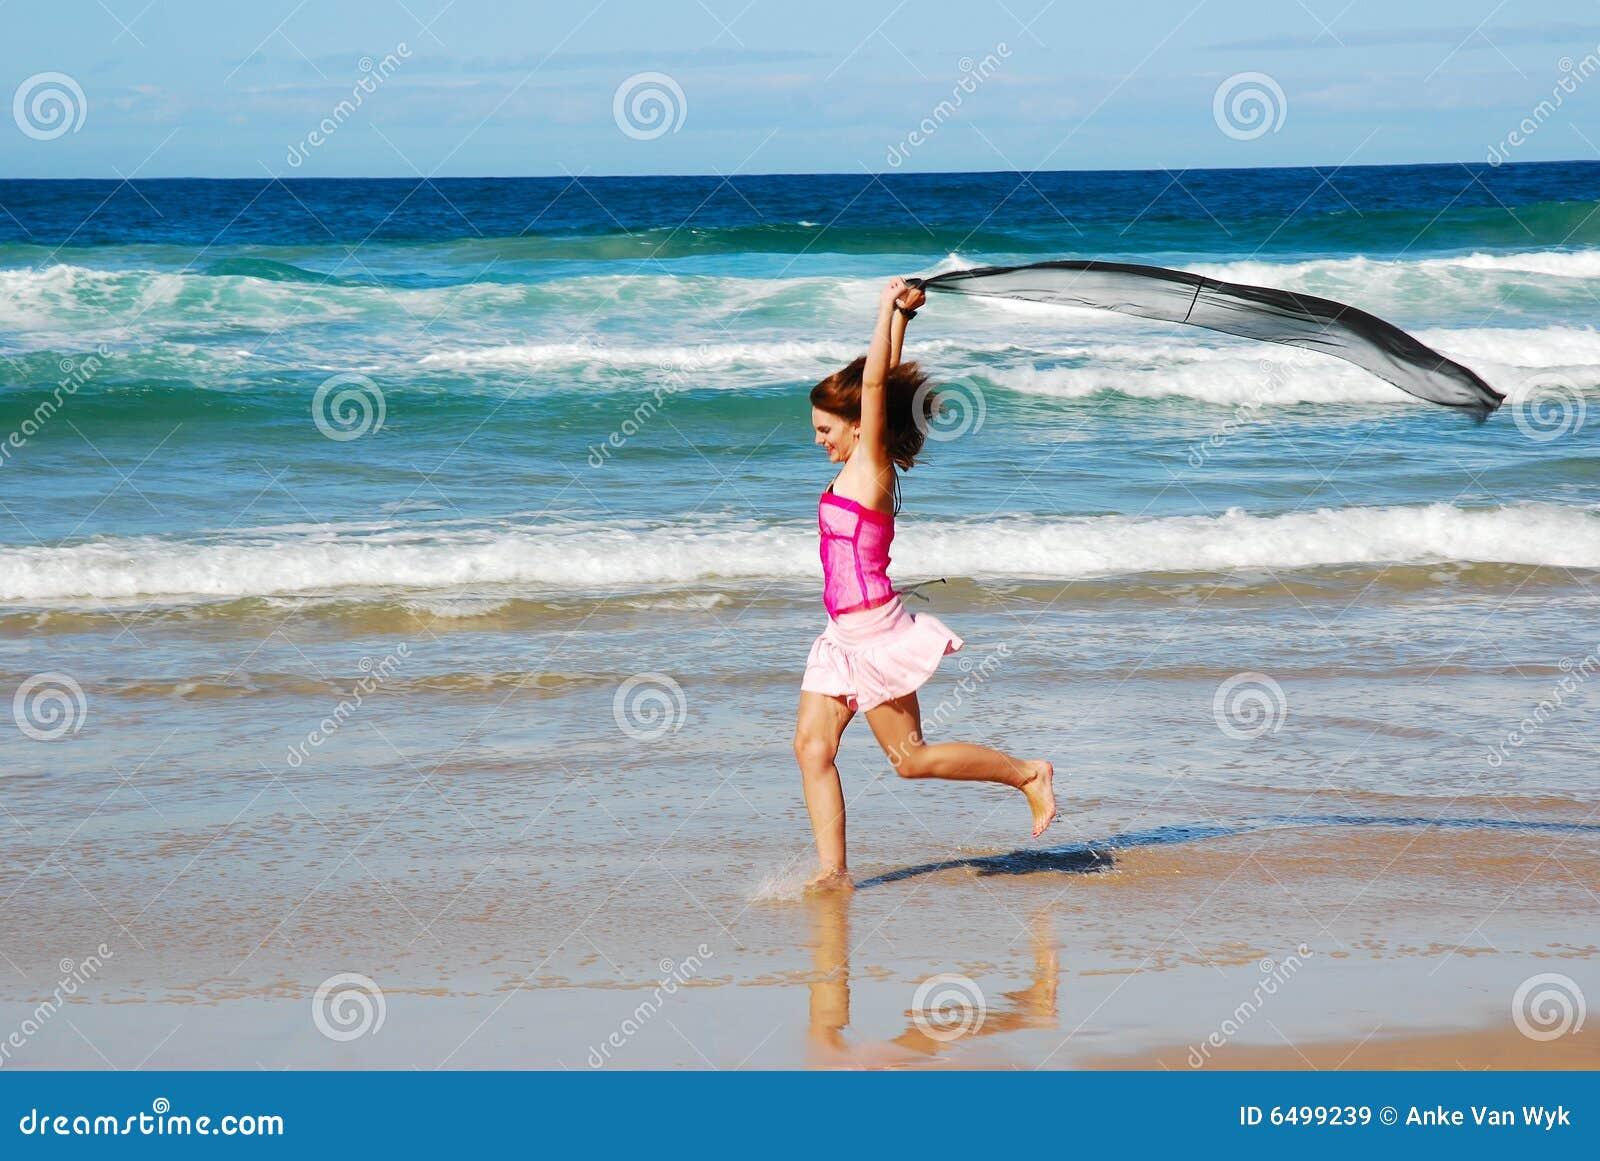 Glückliches Strandspaßmädchen